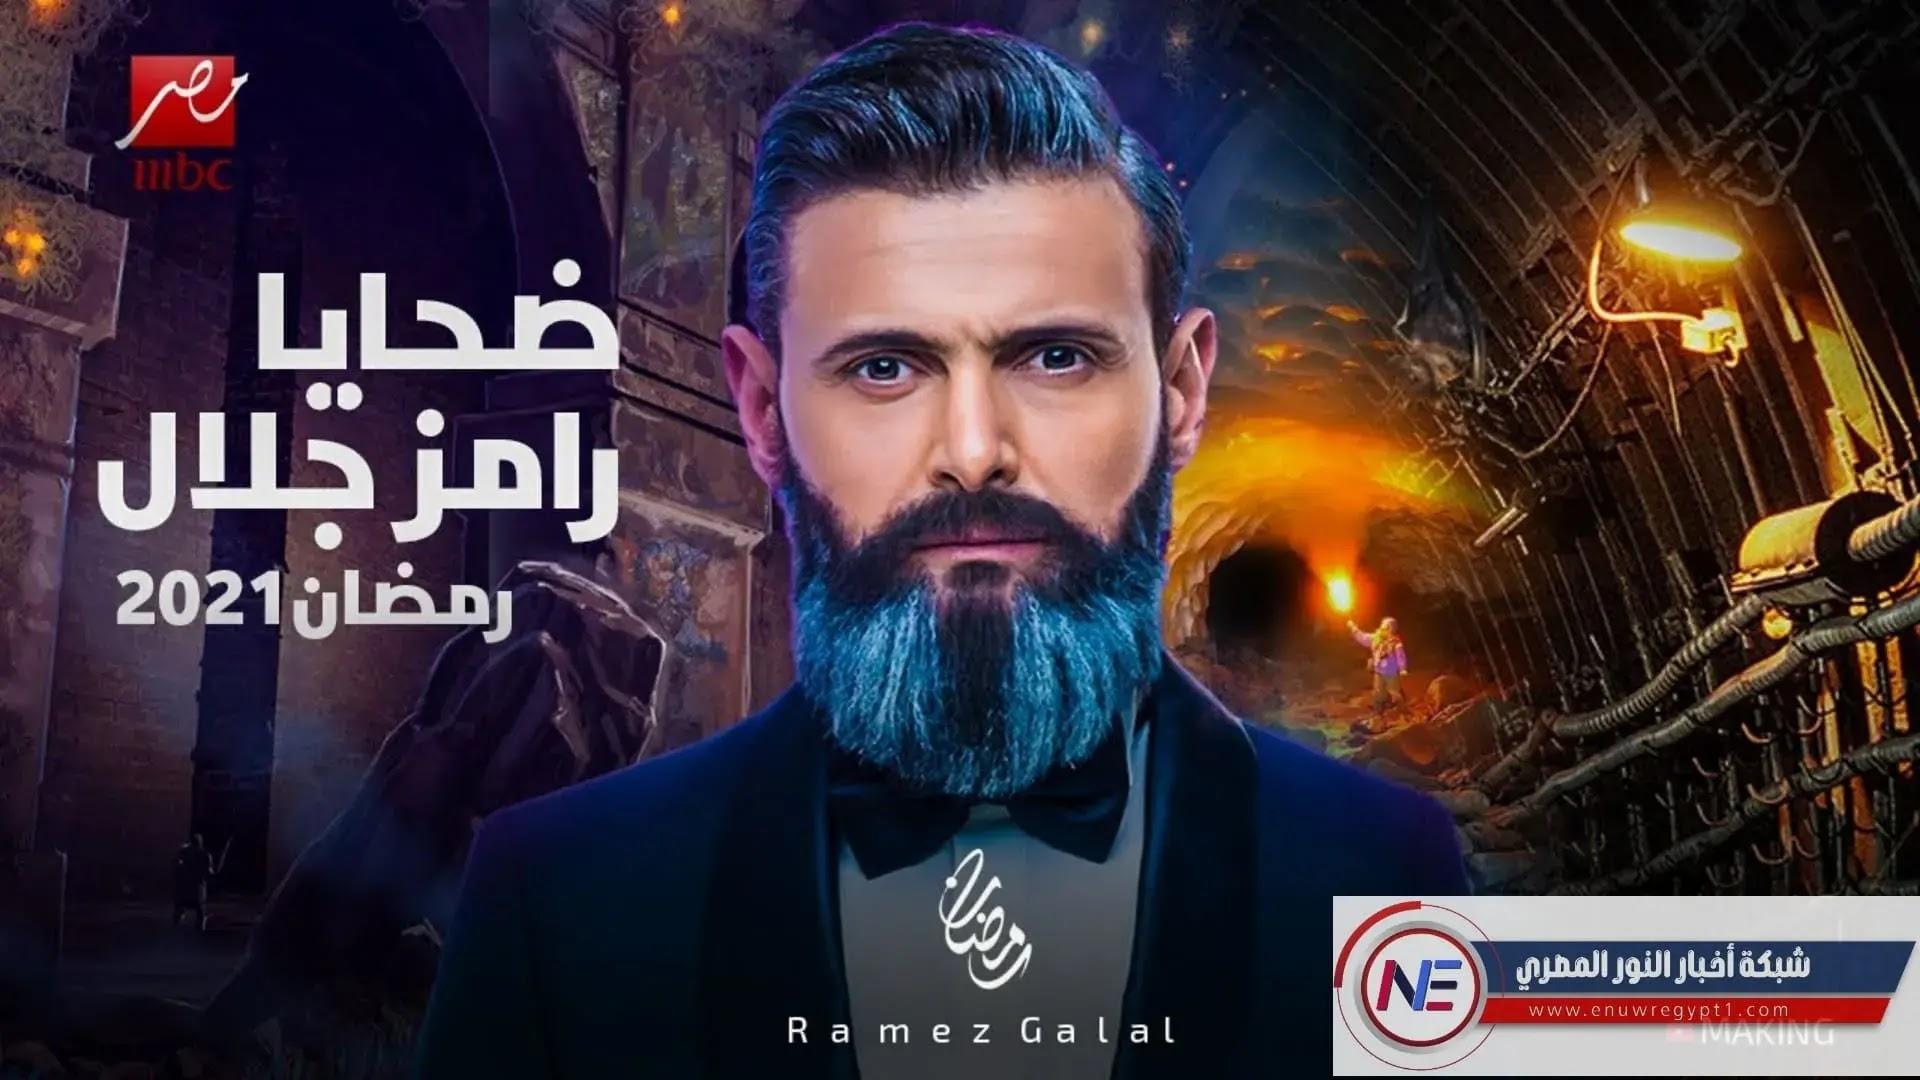 إنفراد.. مقلب رامز  | تعرف علي أسماء وضحايا برنامج رامز جلال الجديد رامز عقله طار في شهر رمضان 2021